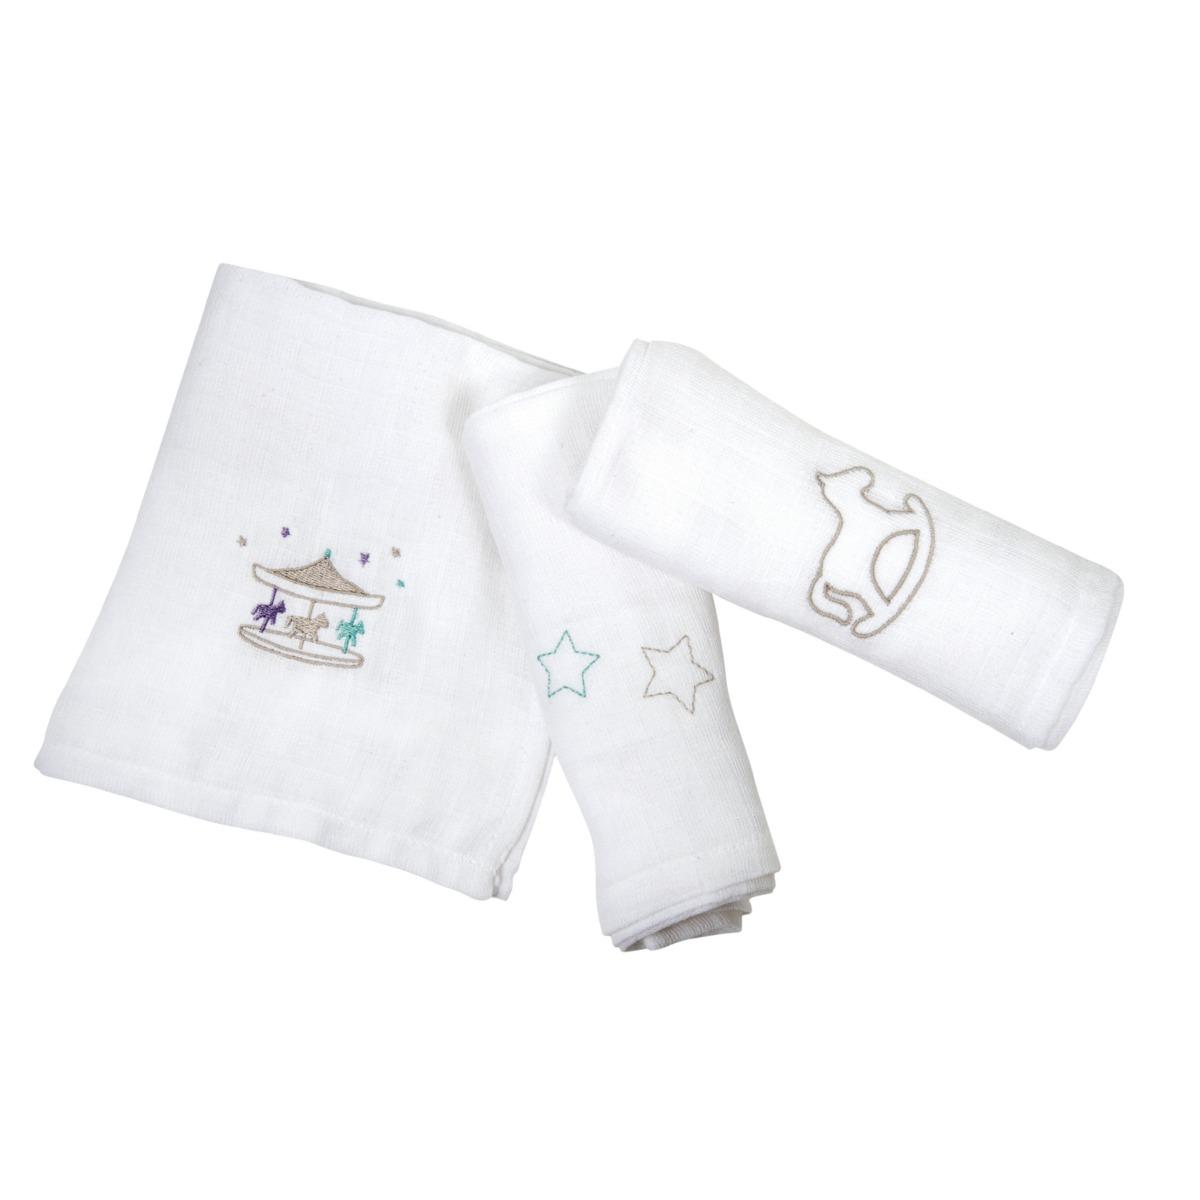 嬰兒刺繡薄巾套裝(3件)